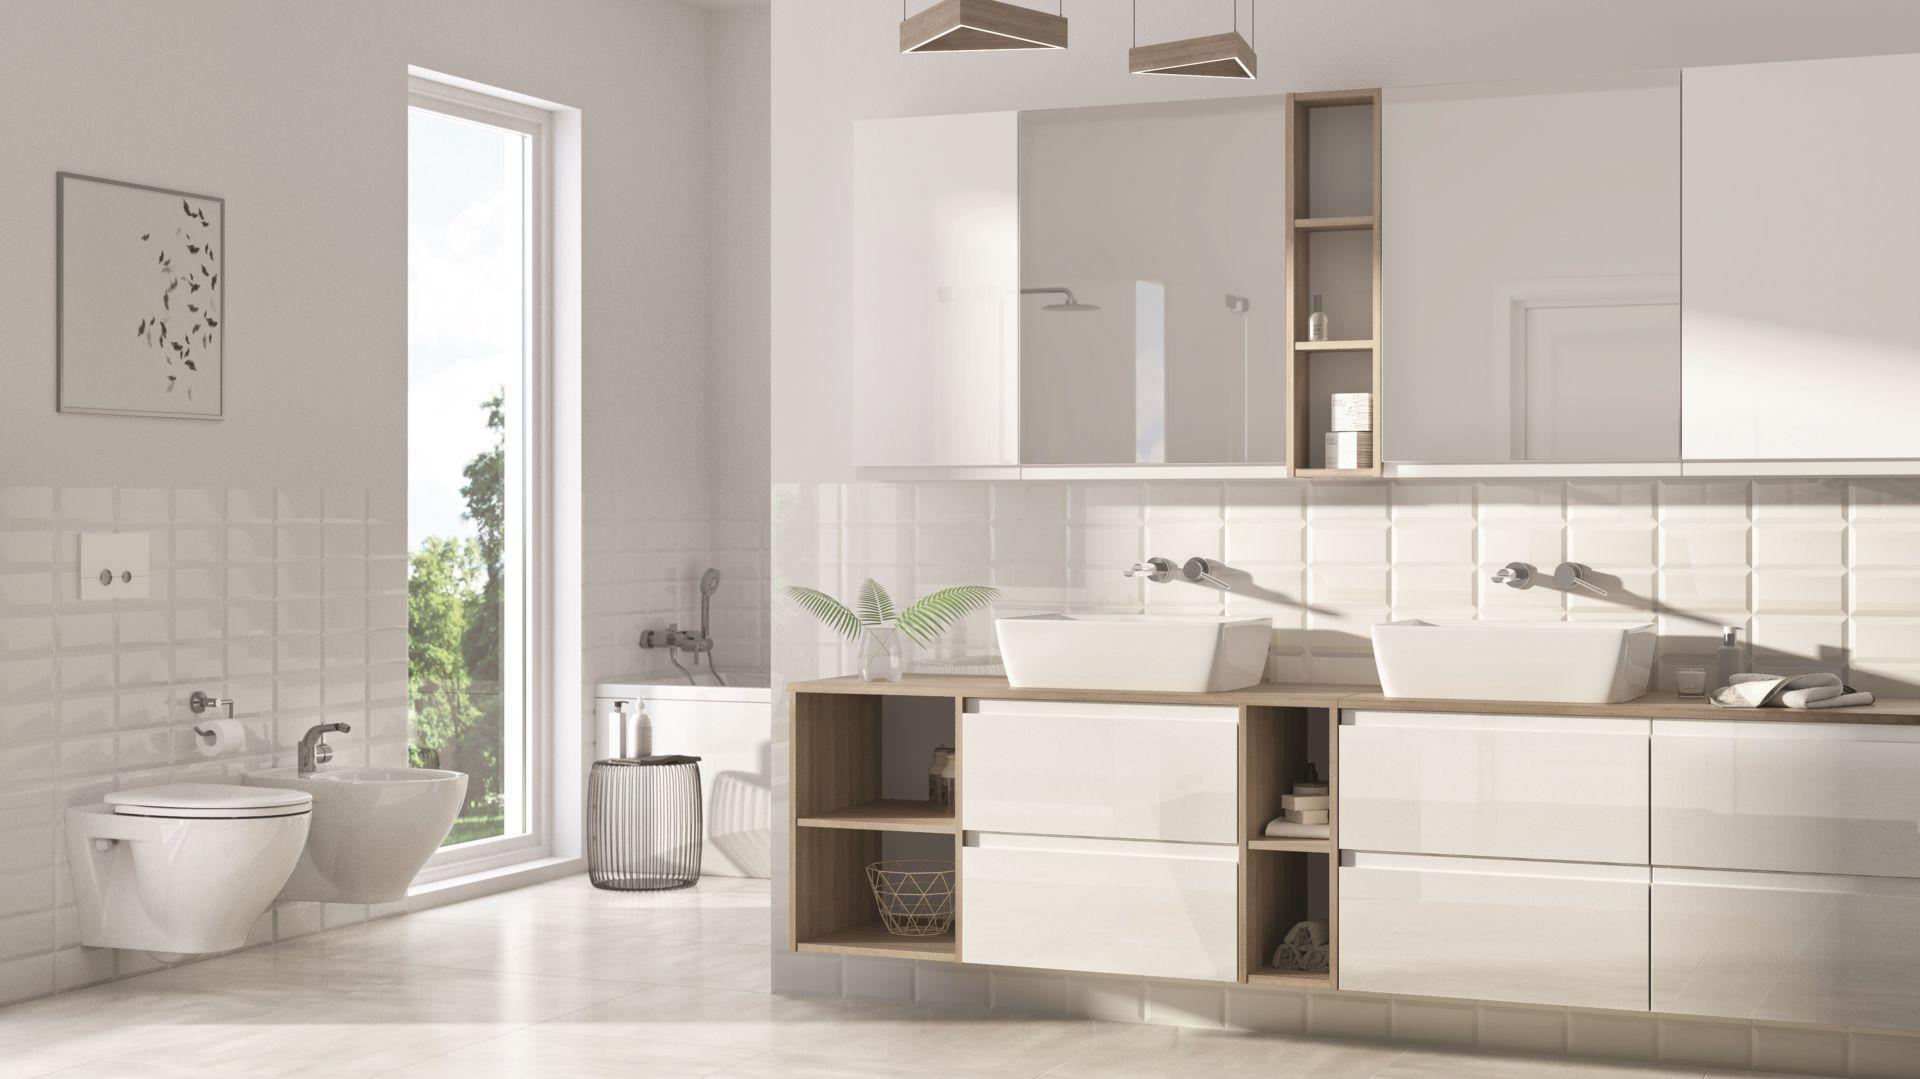 Miska w.c. Moduo o owalnym kształcie oferowana w technologii CleanOn wyróżnia się nowoczesnym designem oraz wyjątkową bielą Cersanit White. Fot. Cersanit